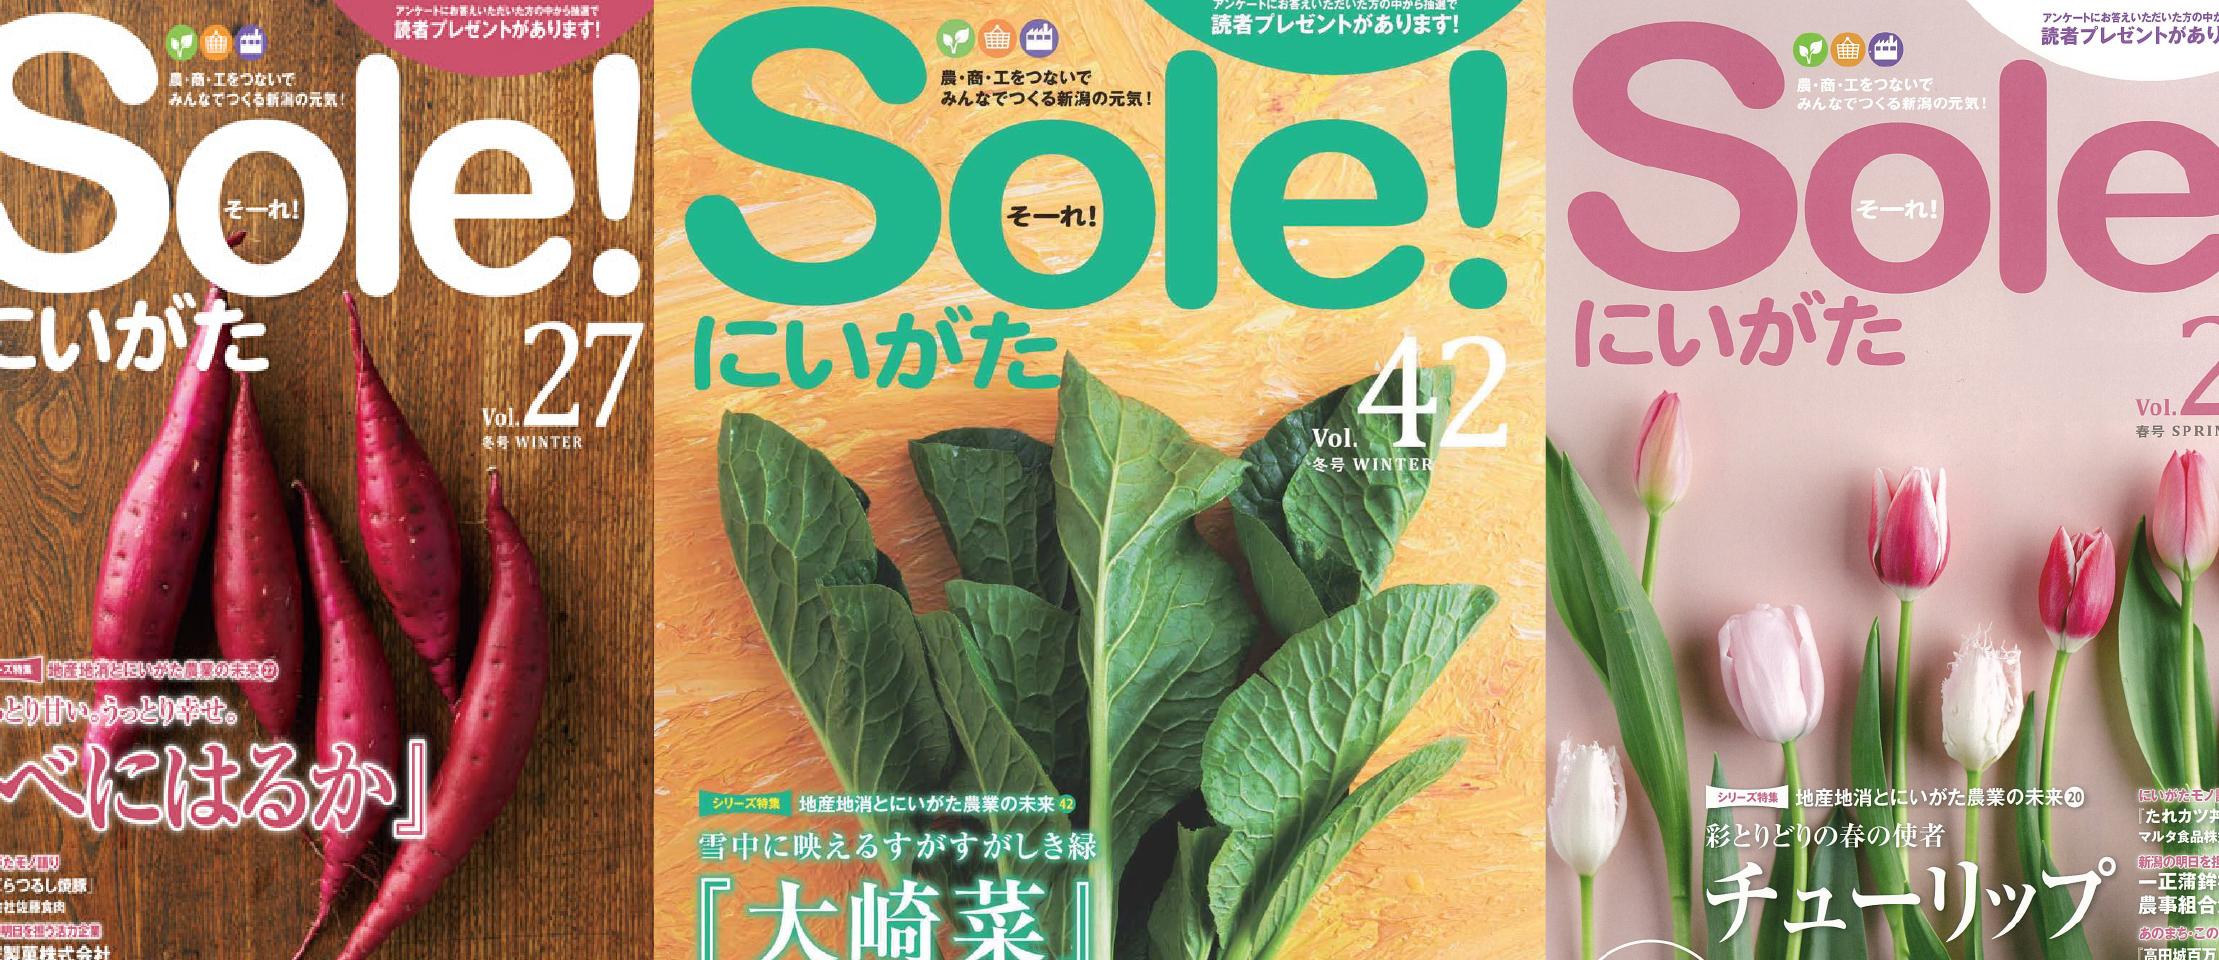 JAバンク新潟県信連様/農・商・工をつないでみんなでつくる新潟の元気!「Sole!にいがた」